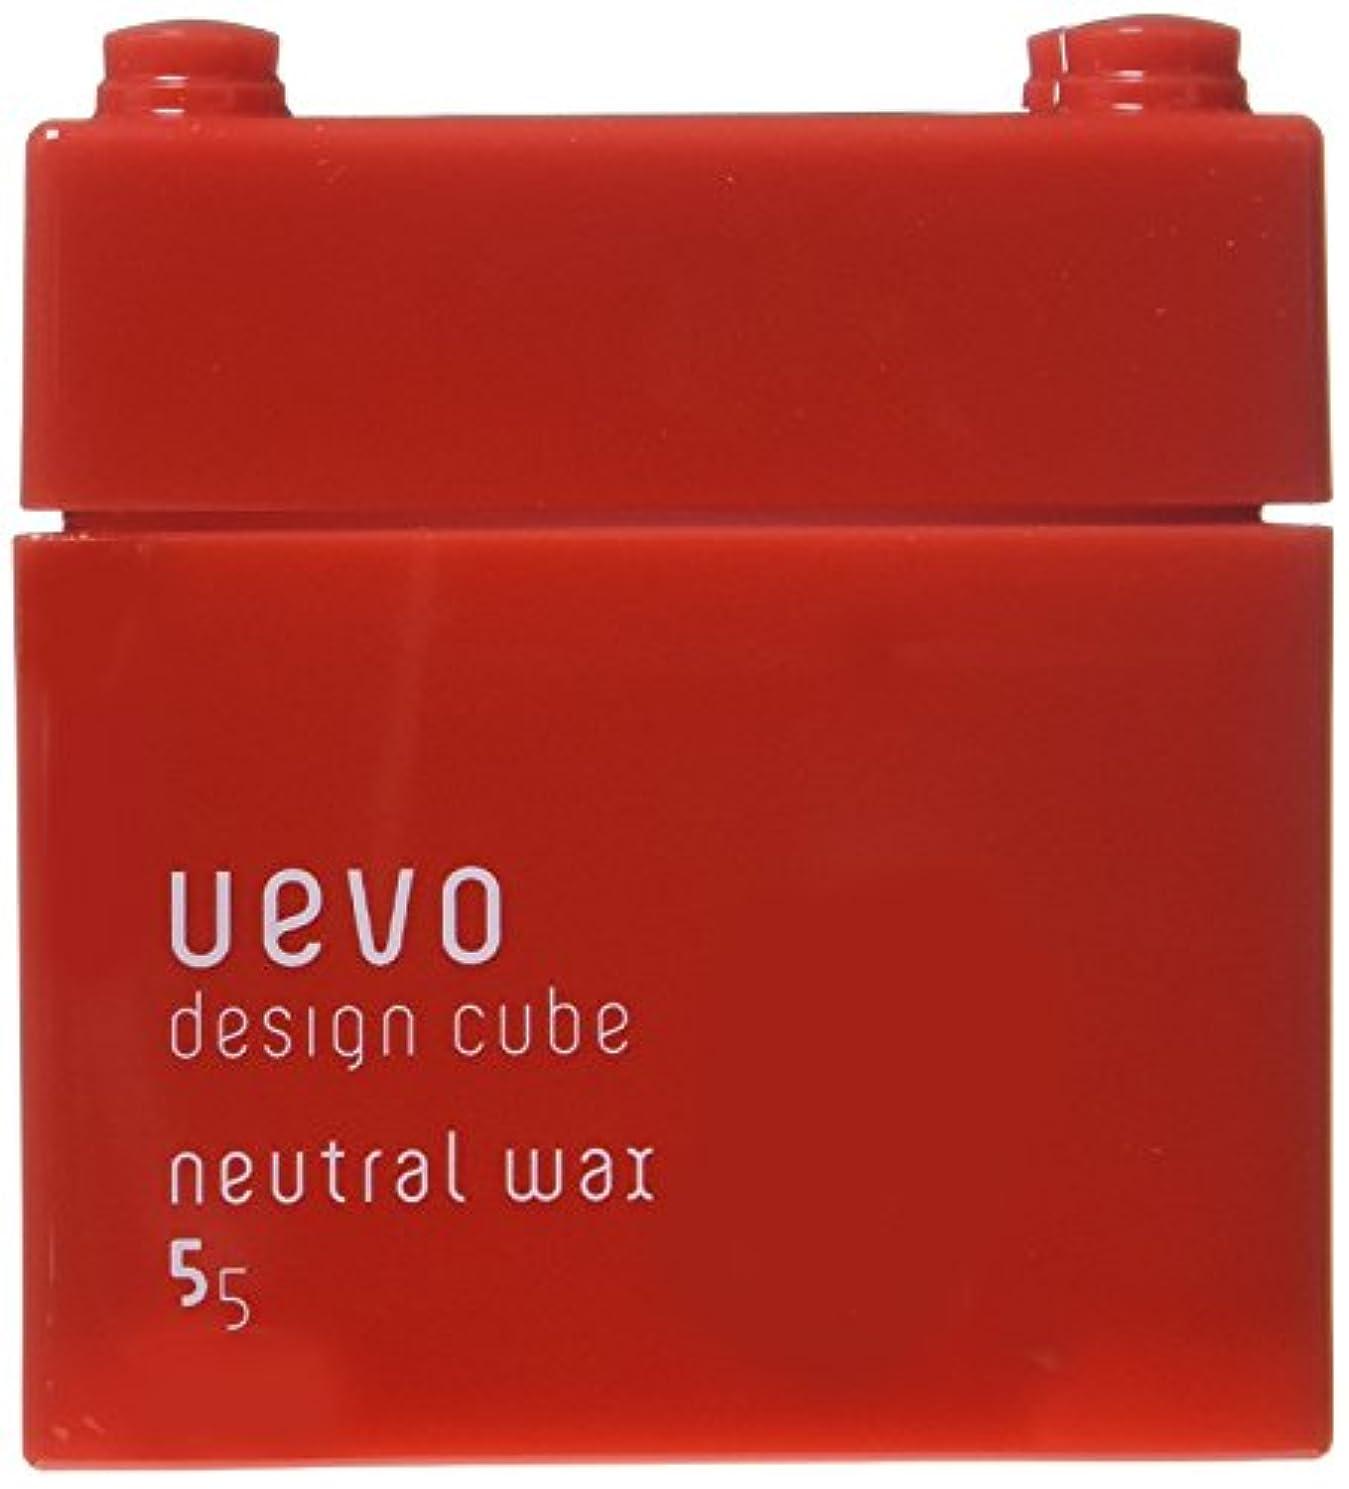 郵便屋さんつかの間マーチャンダイジングウェーボ デザインキューブ ニュートラルワックス 80g